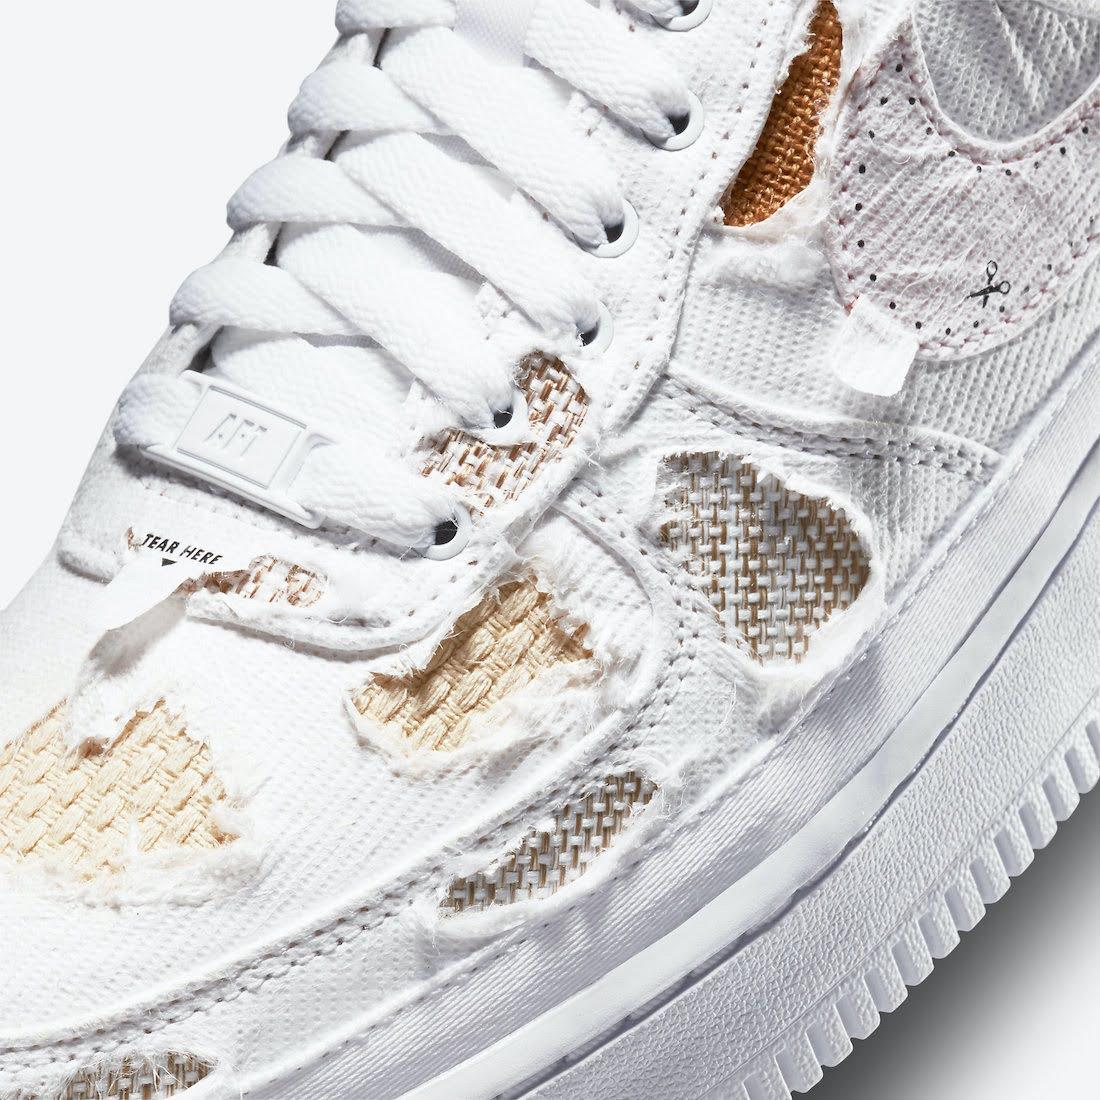 """ナイキ エア フォース 1 ロー """"リベール"""" Nike-Air-Force-1-Low-Reveal-Tear-Away-DJ9941-244-toe-ripped"""